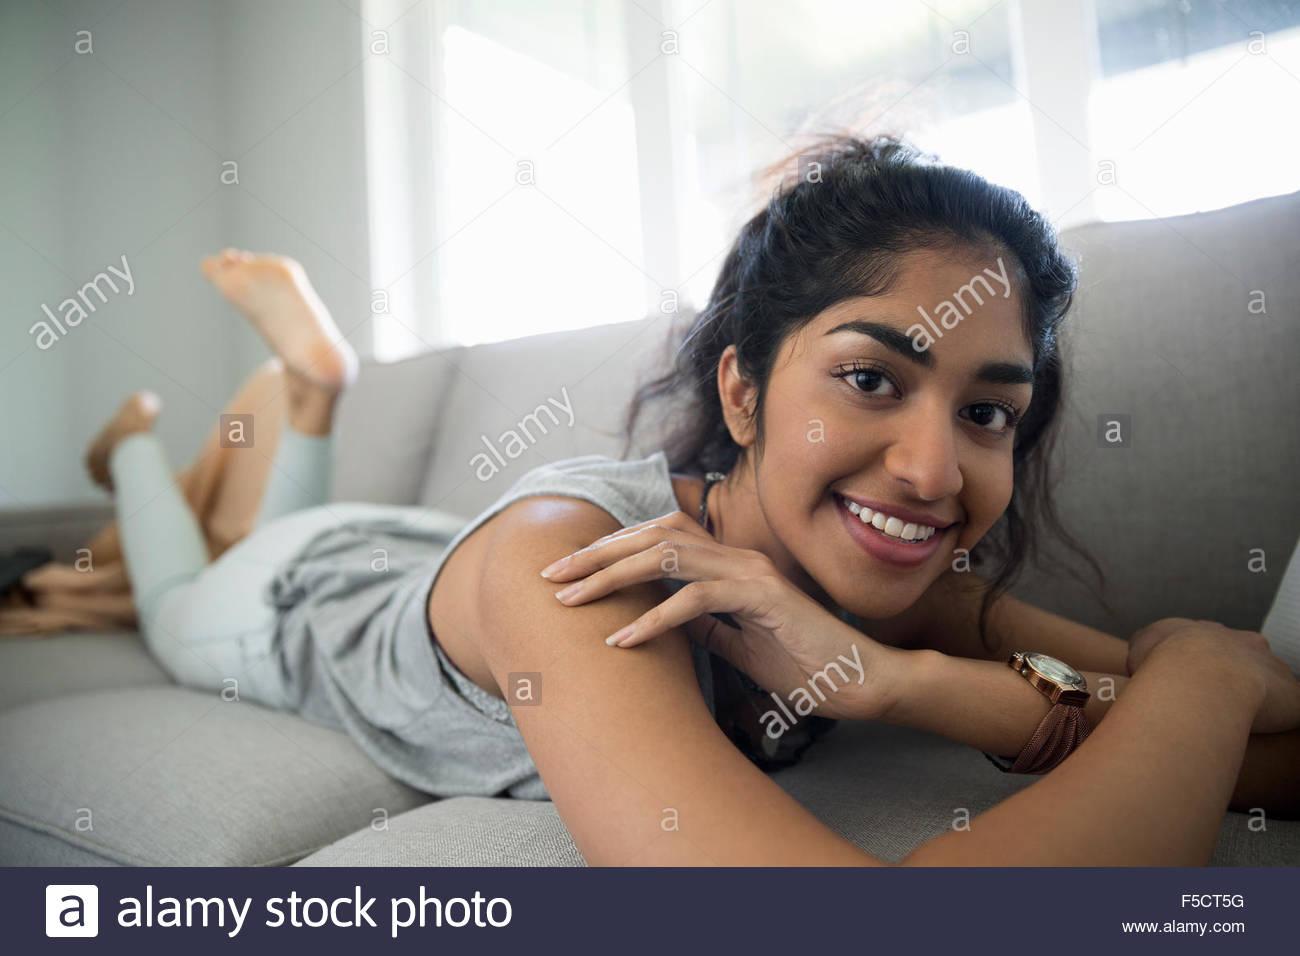 Porträt lächelnde junge Frau entspannend auf sofa Stockbild